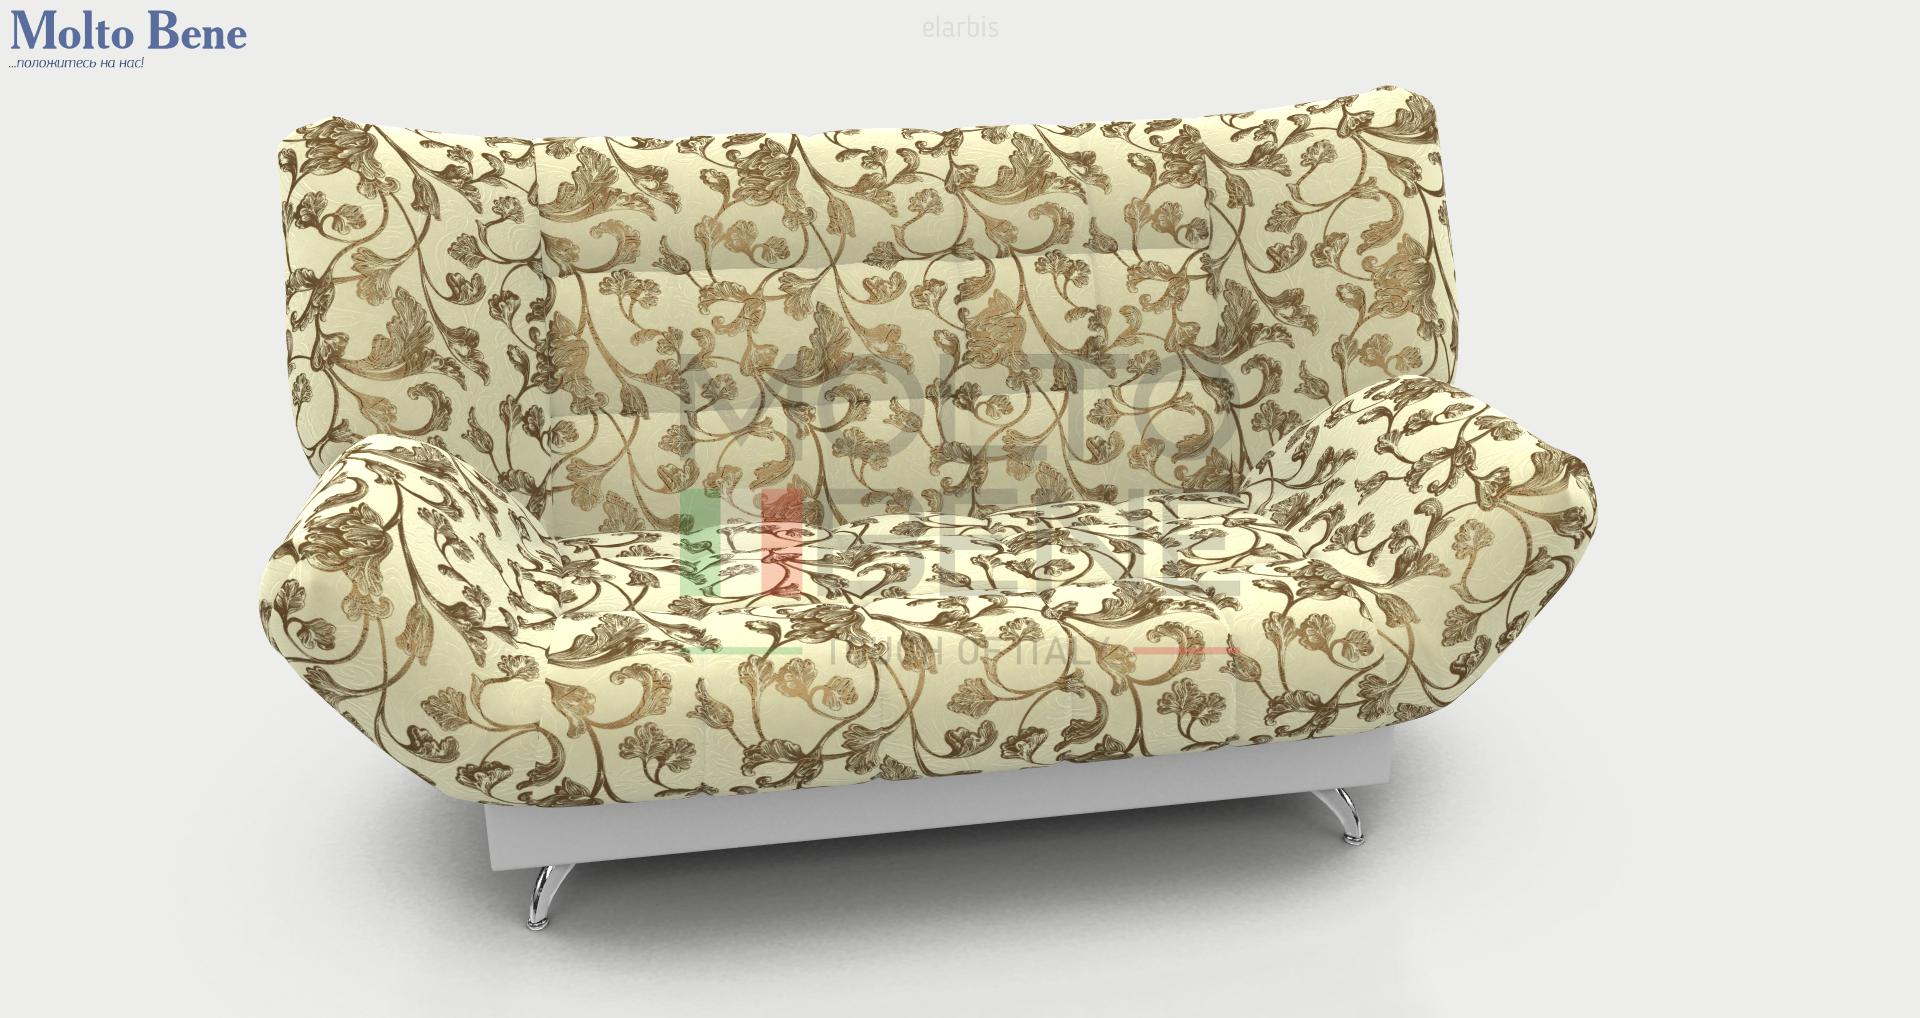 Чехол на диван клик кляк - запись пользователя мария (id1789731) 9